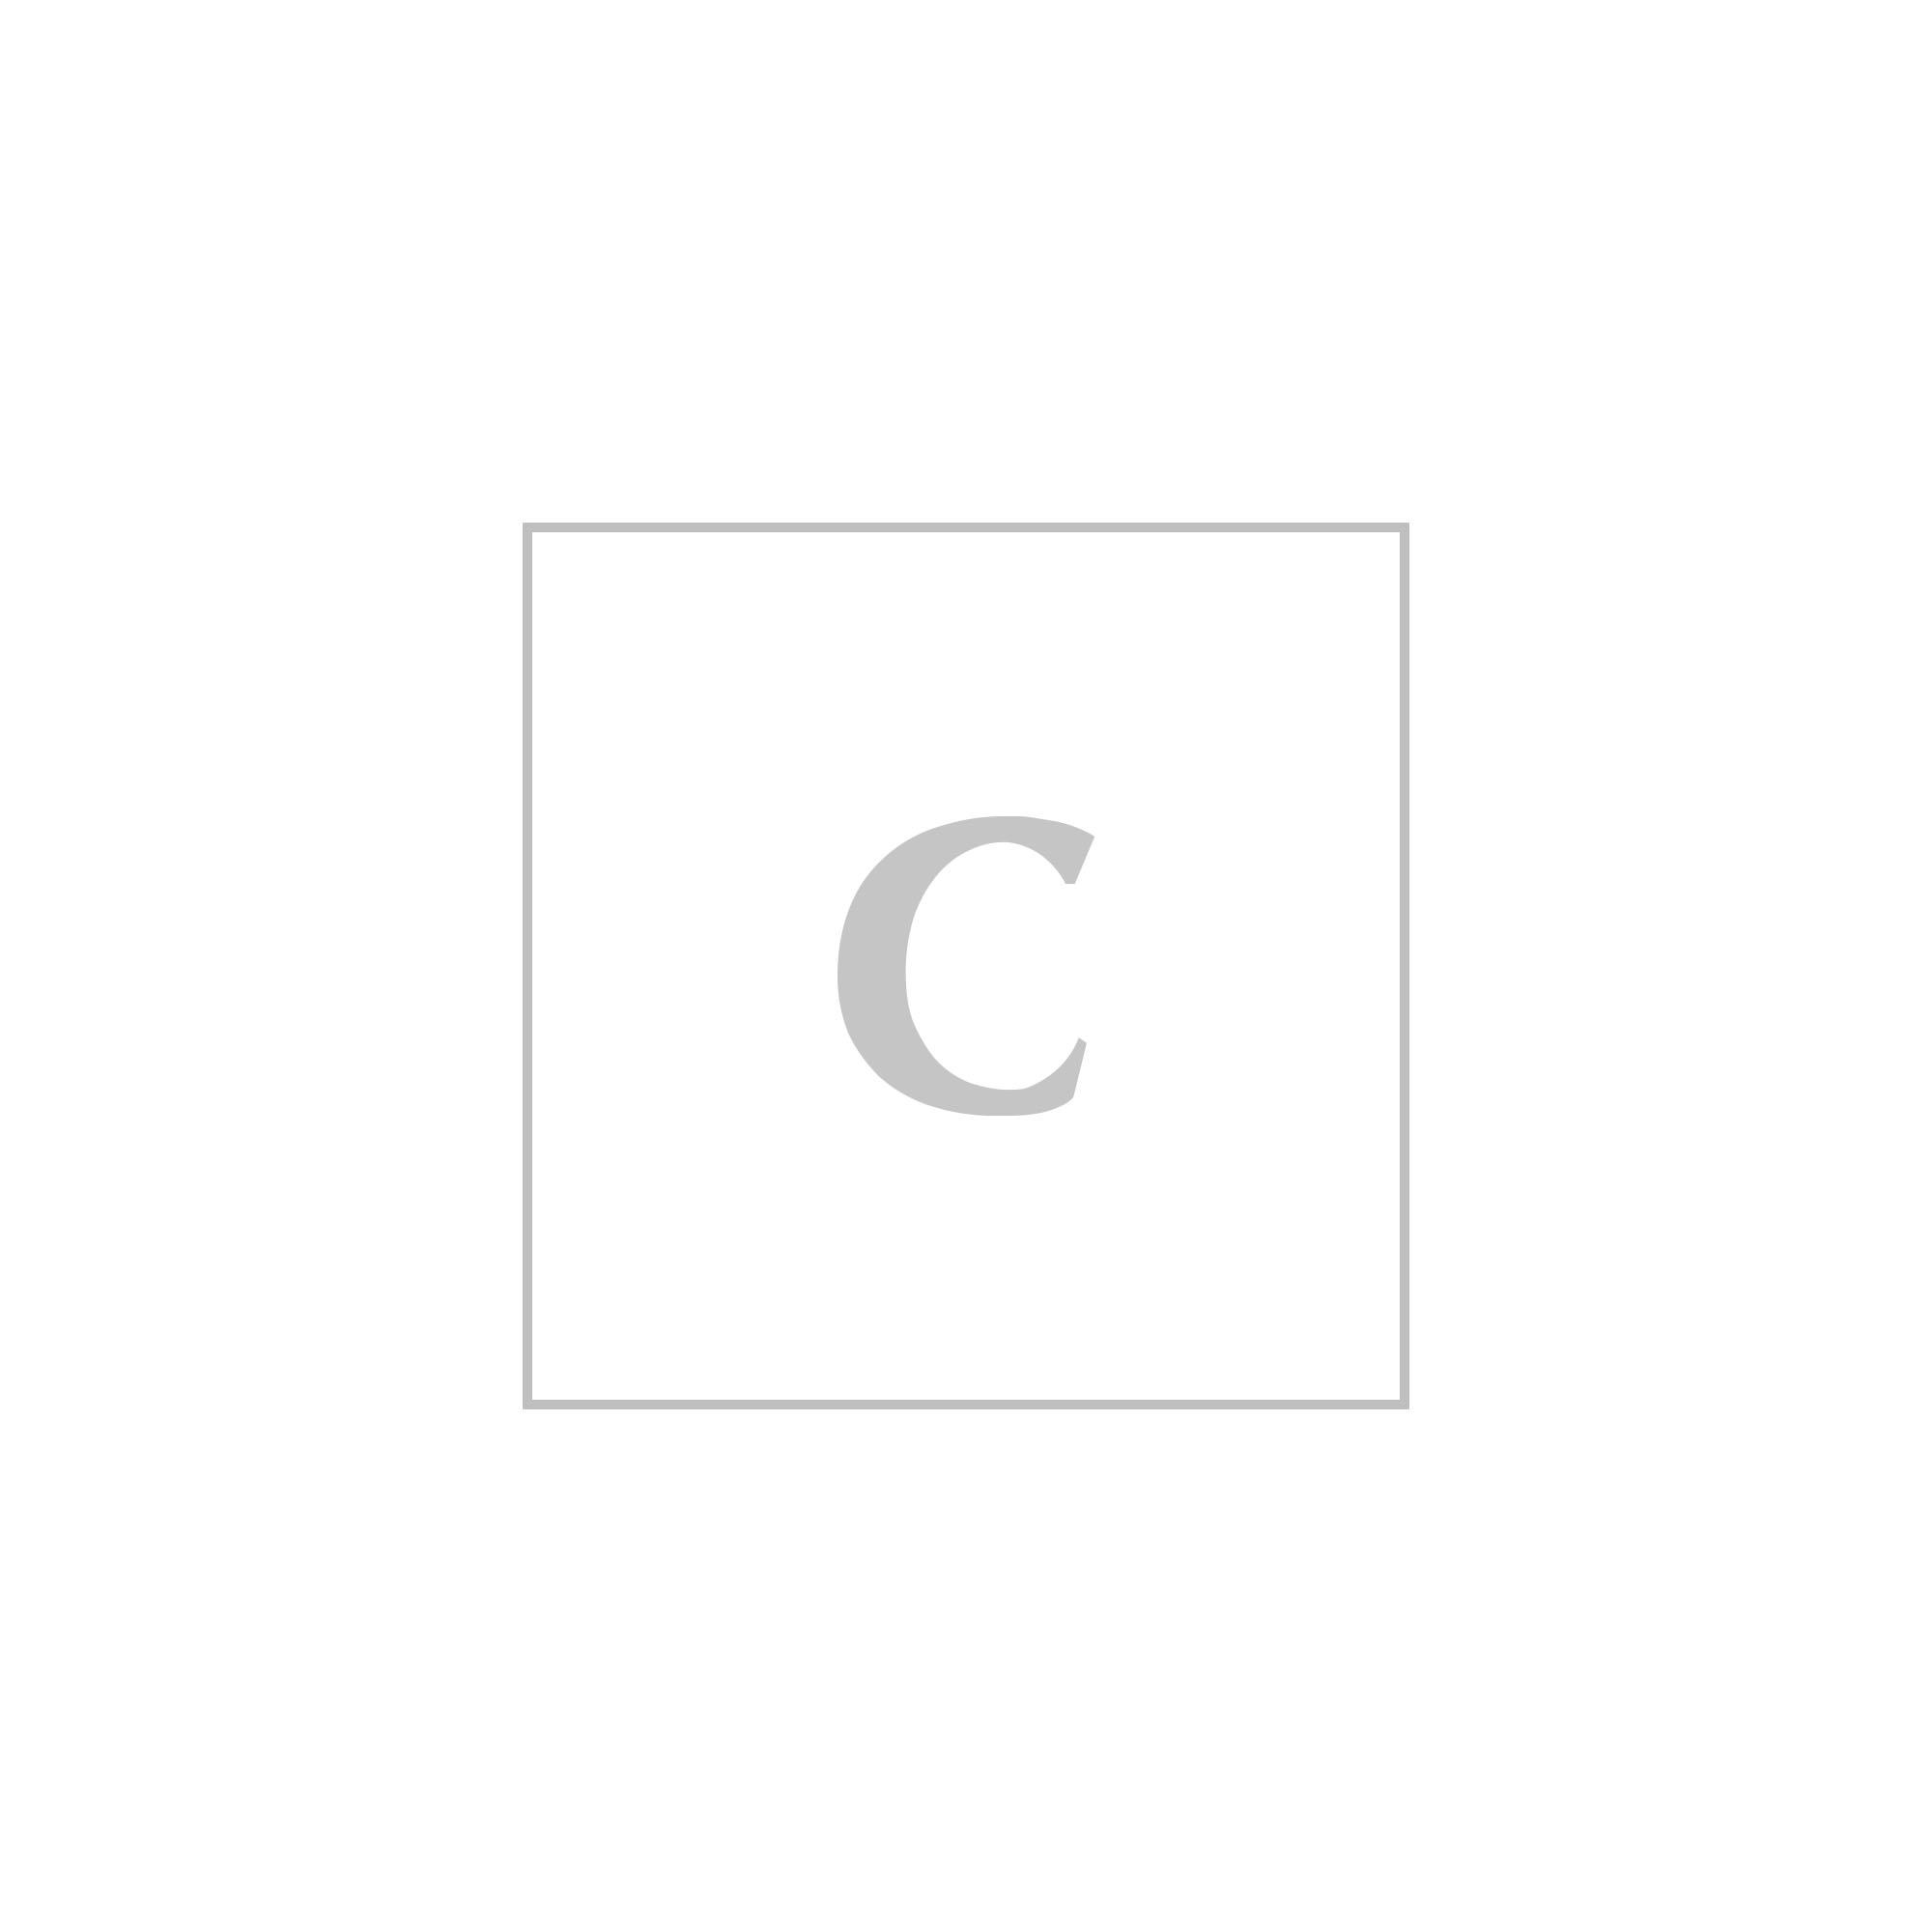 Moncler giubbotto berre